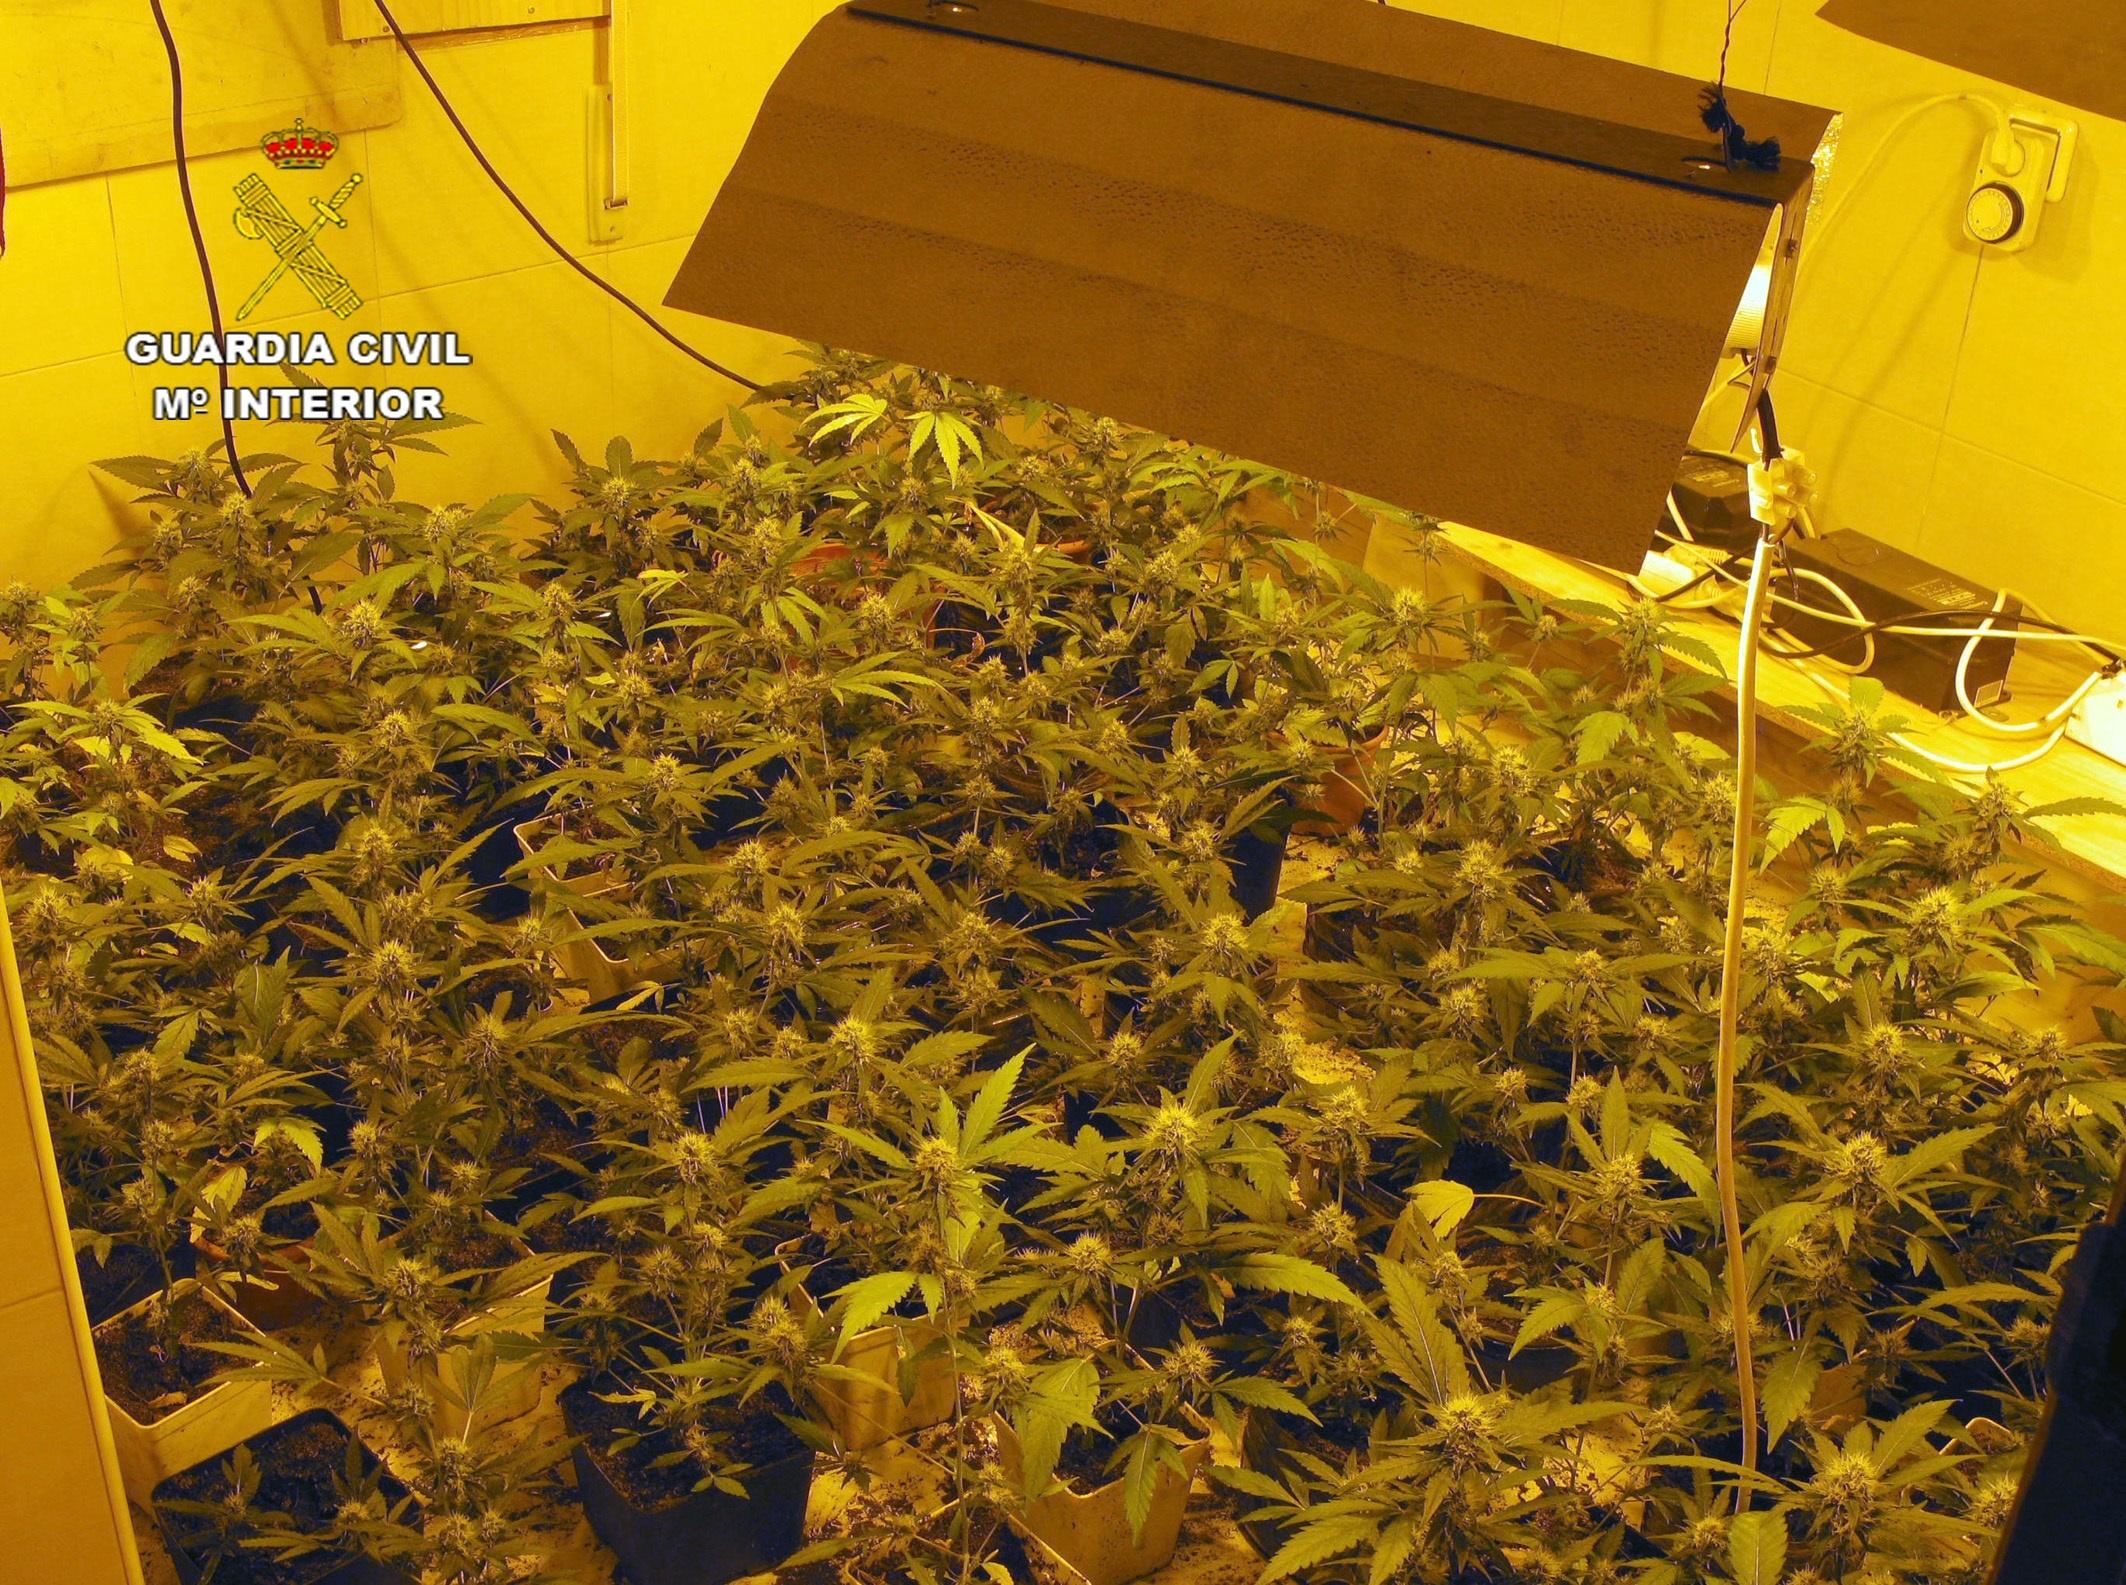 La Benemérita desmantela un invernadero clandestino de marihuana instalado en una vivienda usurpada